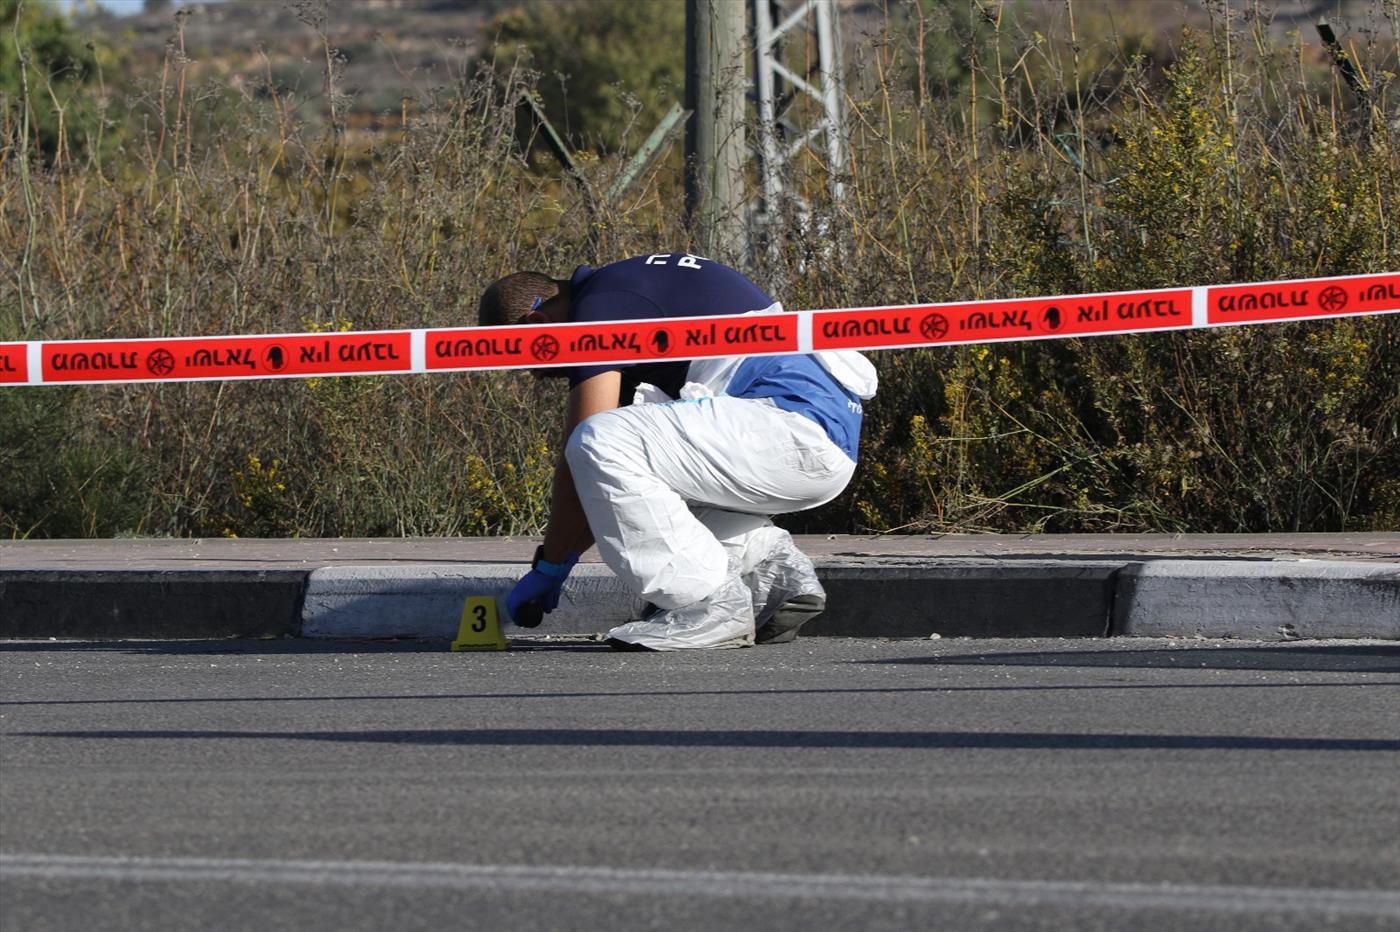 זירת פיגוע בצומת גוש עציון. ארכיון צילום: יוסף מזרחי TPS